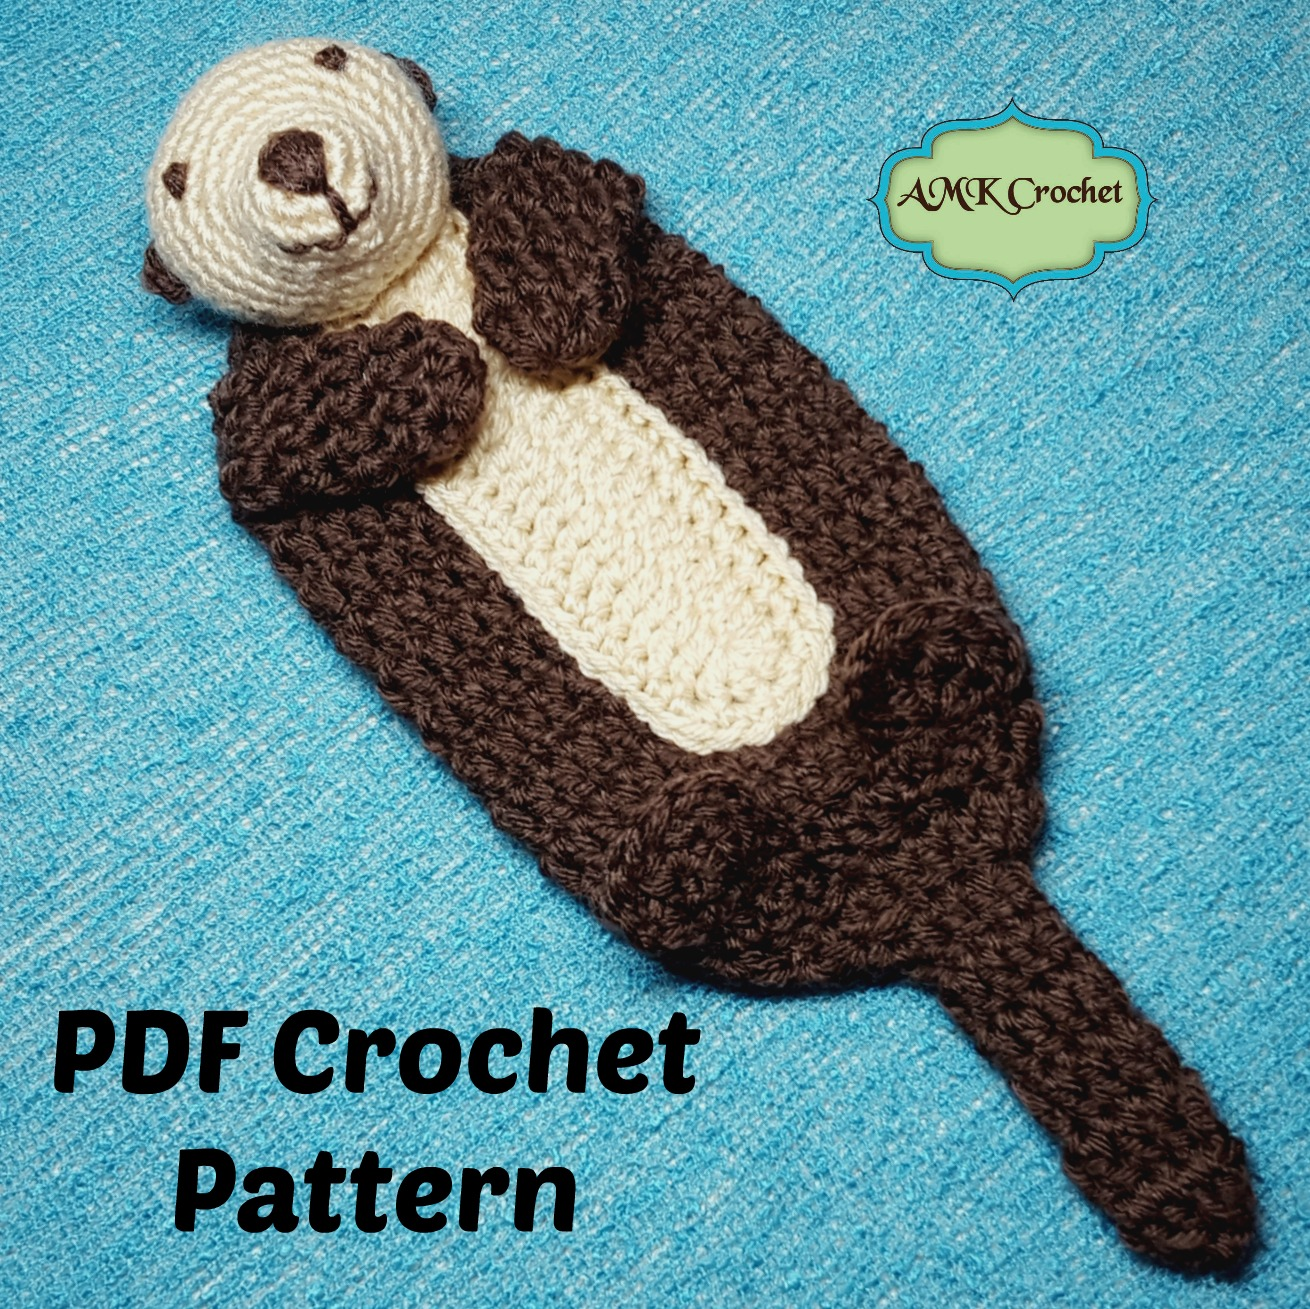 Crochet Baby Sea Otter Lovey Blanket Pattern   AMK Crochet